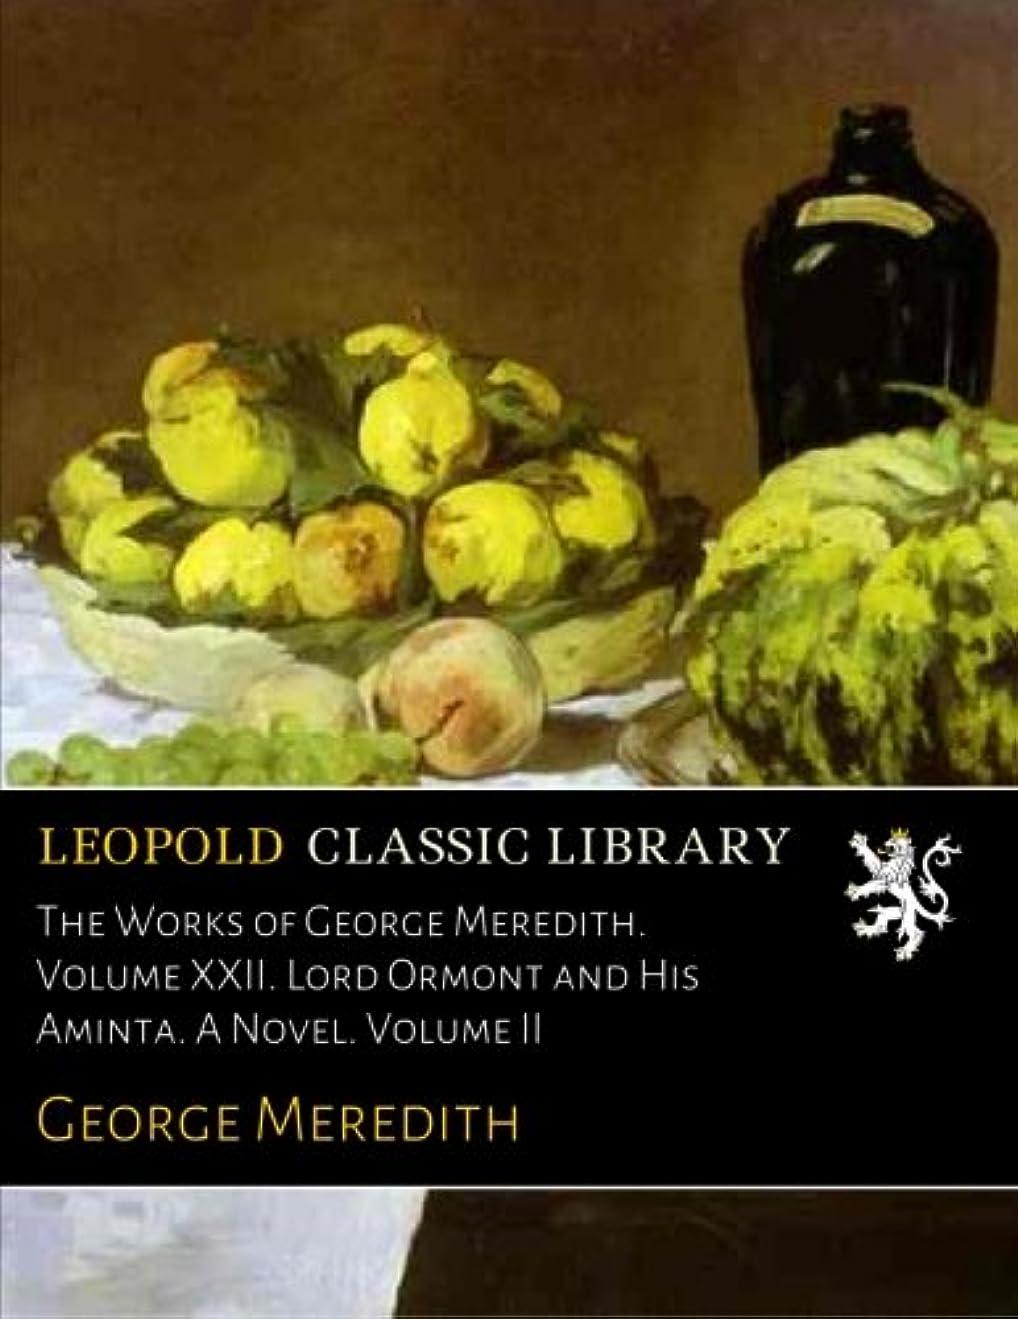 テープわずかな繊毛The Works of George Meredith. Volume XXII. Lord Ormont and His Aminta. A Novel. Volume II